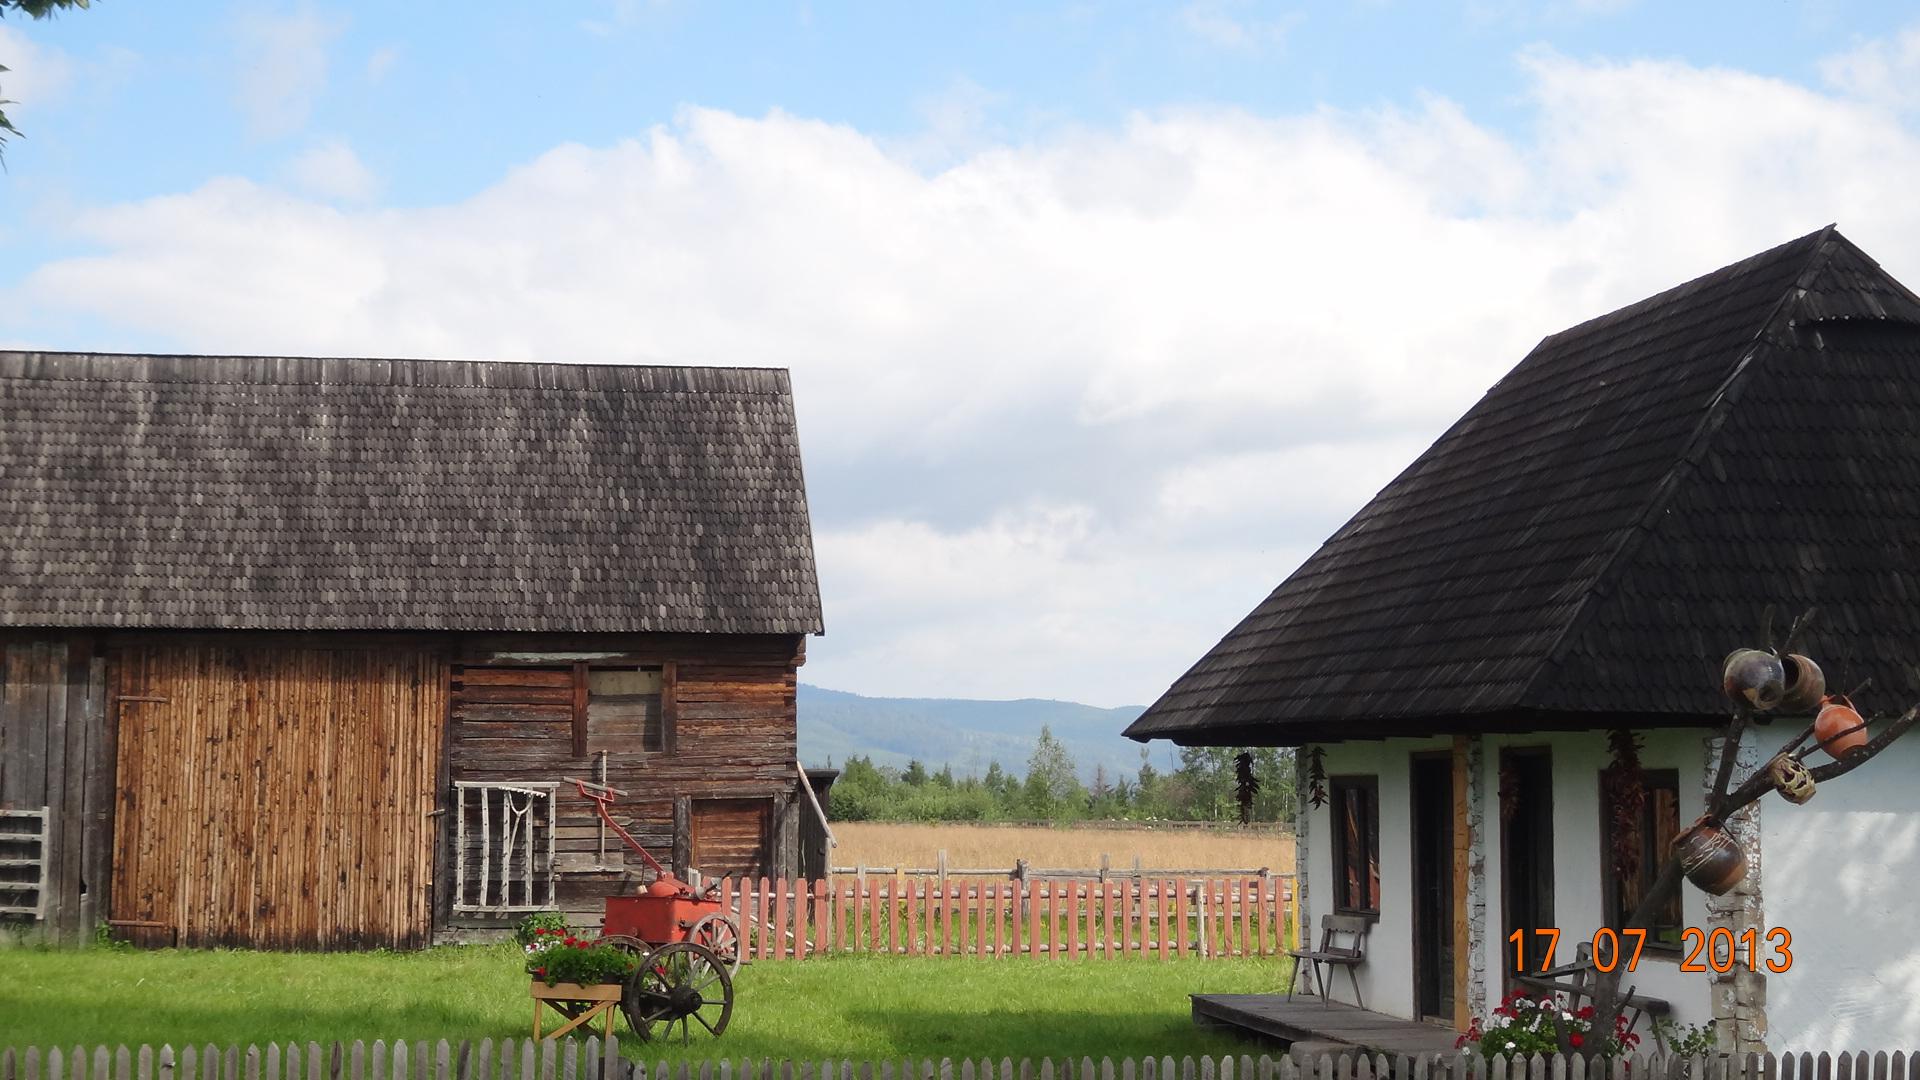 Rumänisches Bauern in Harghita